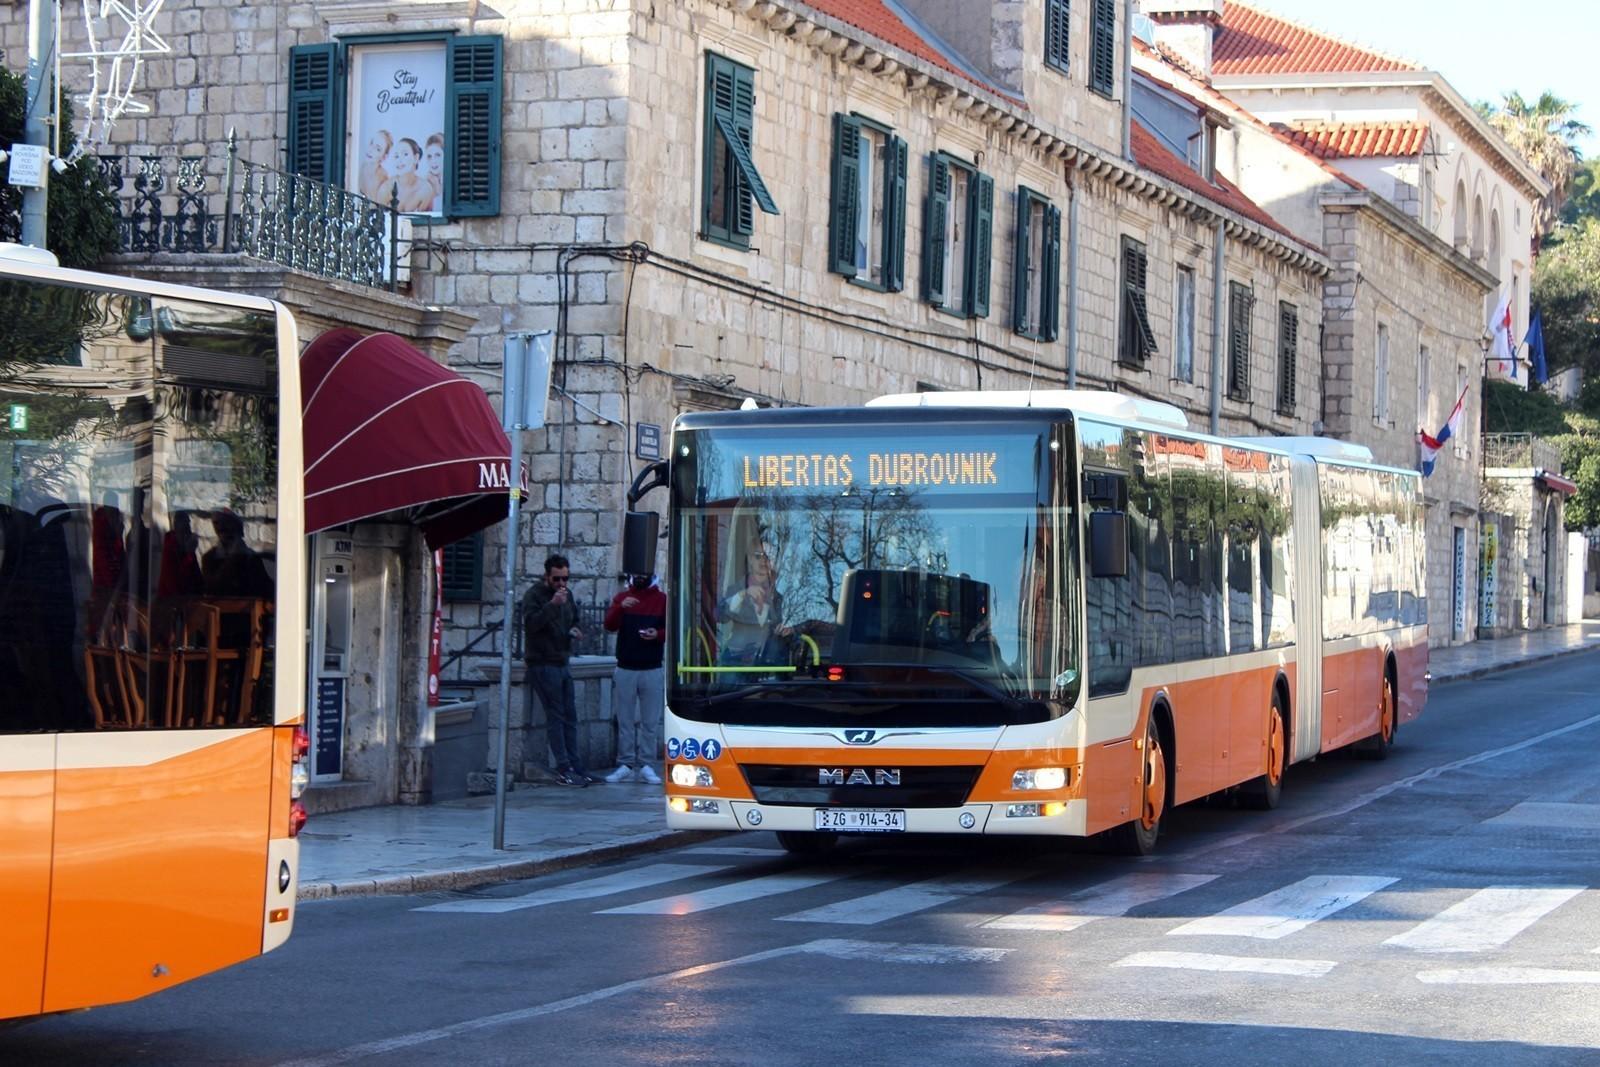 Libertas postupno uspostavlja javni gradski prijevoz